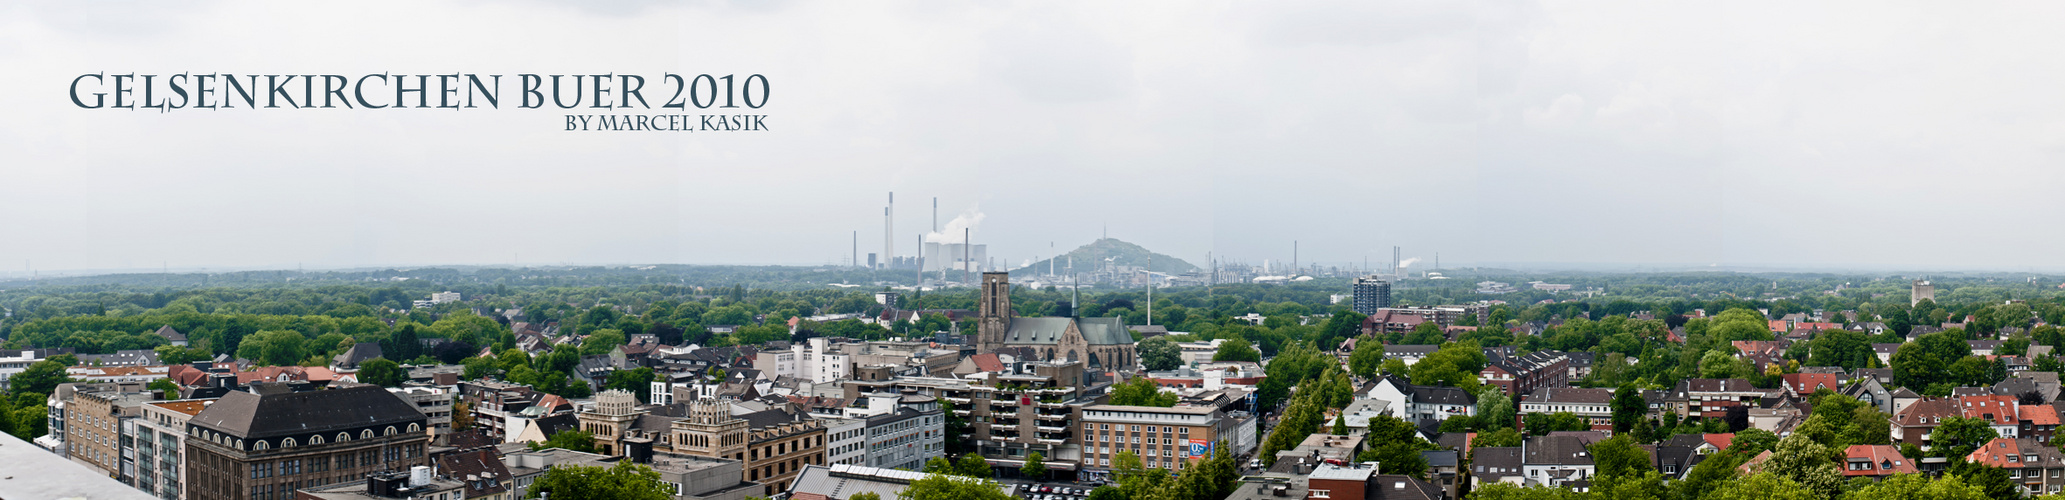 Gelsenkirchen Buer Panorama 2010